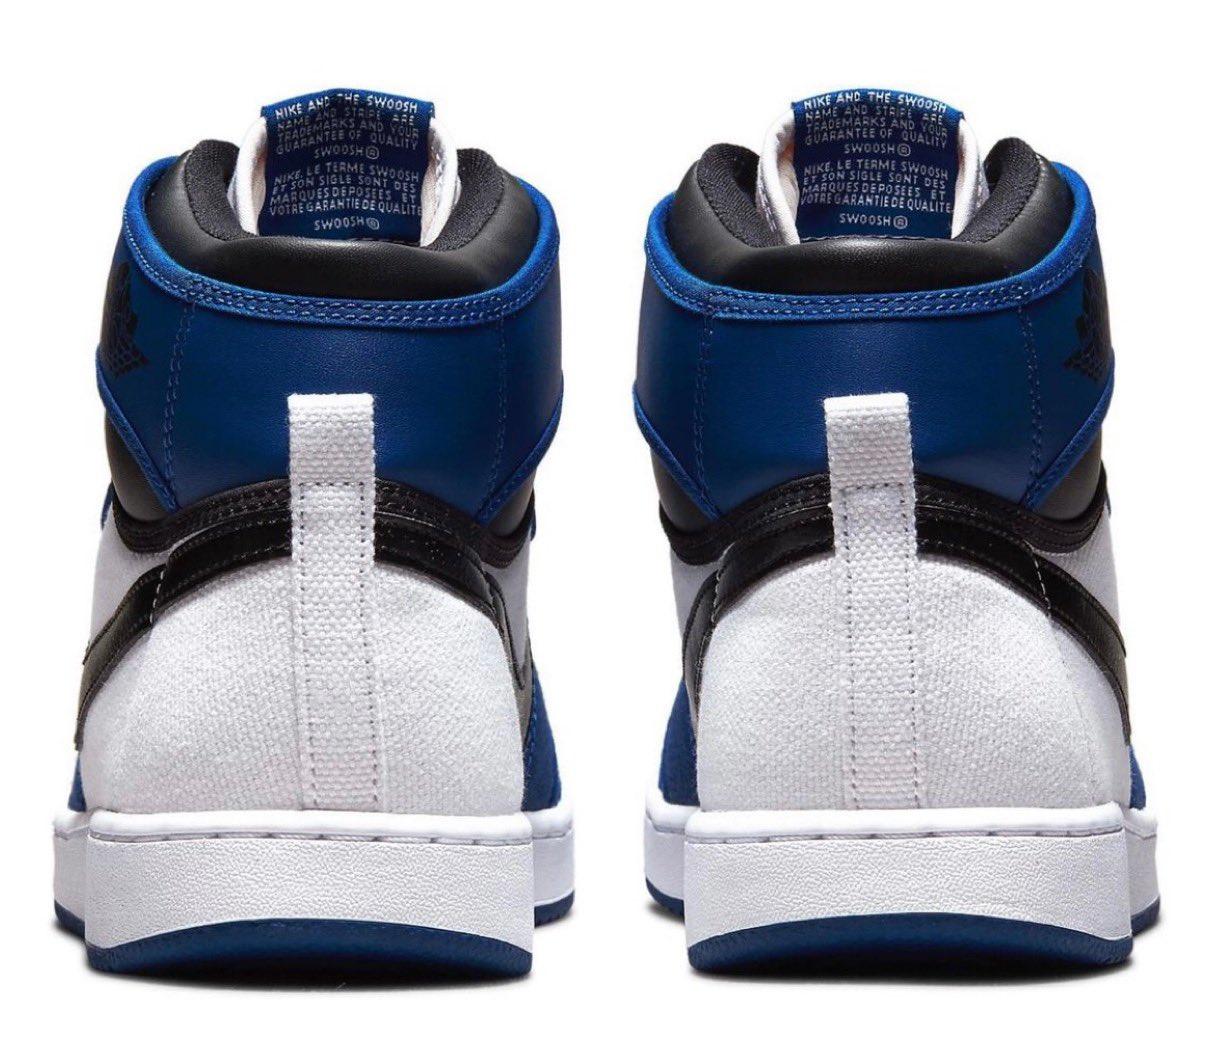 AJ1,Air Jordan 1 KO,DA9089-401  自穿党福利!小闪电 AJ1 KO 发售日期确定!